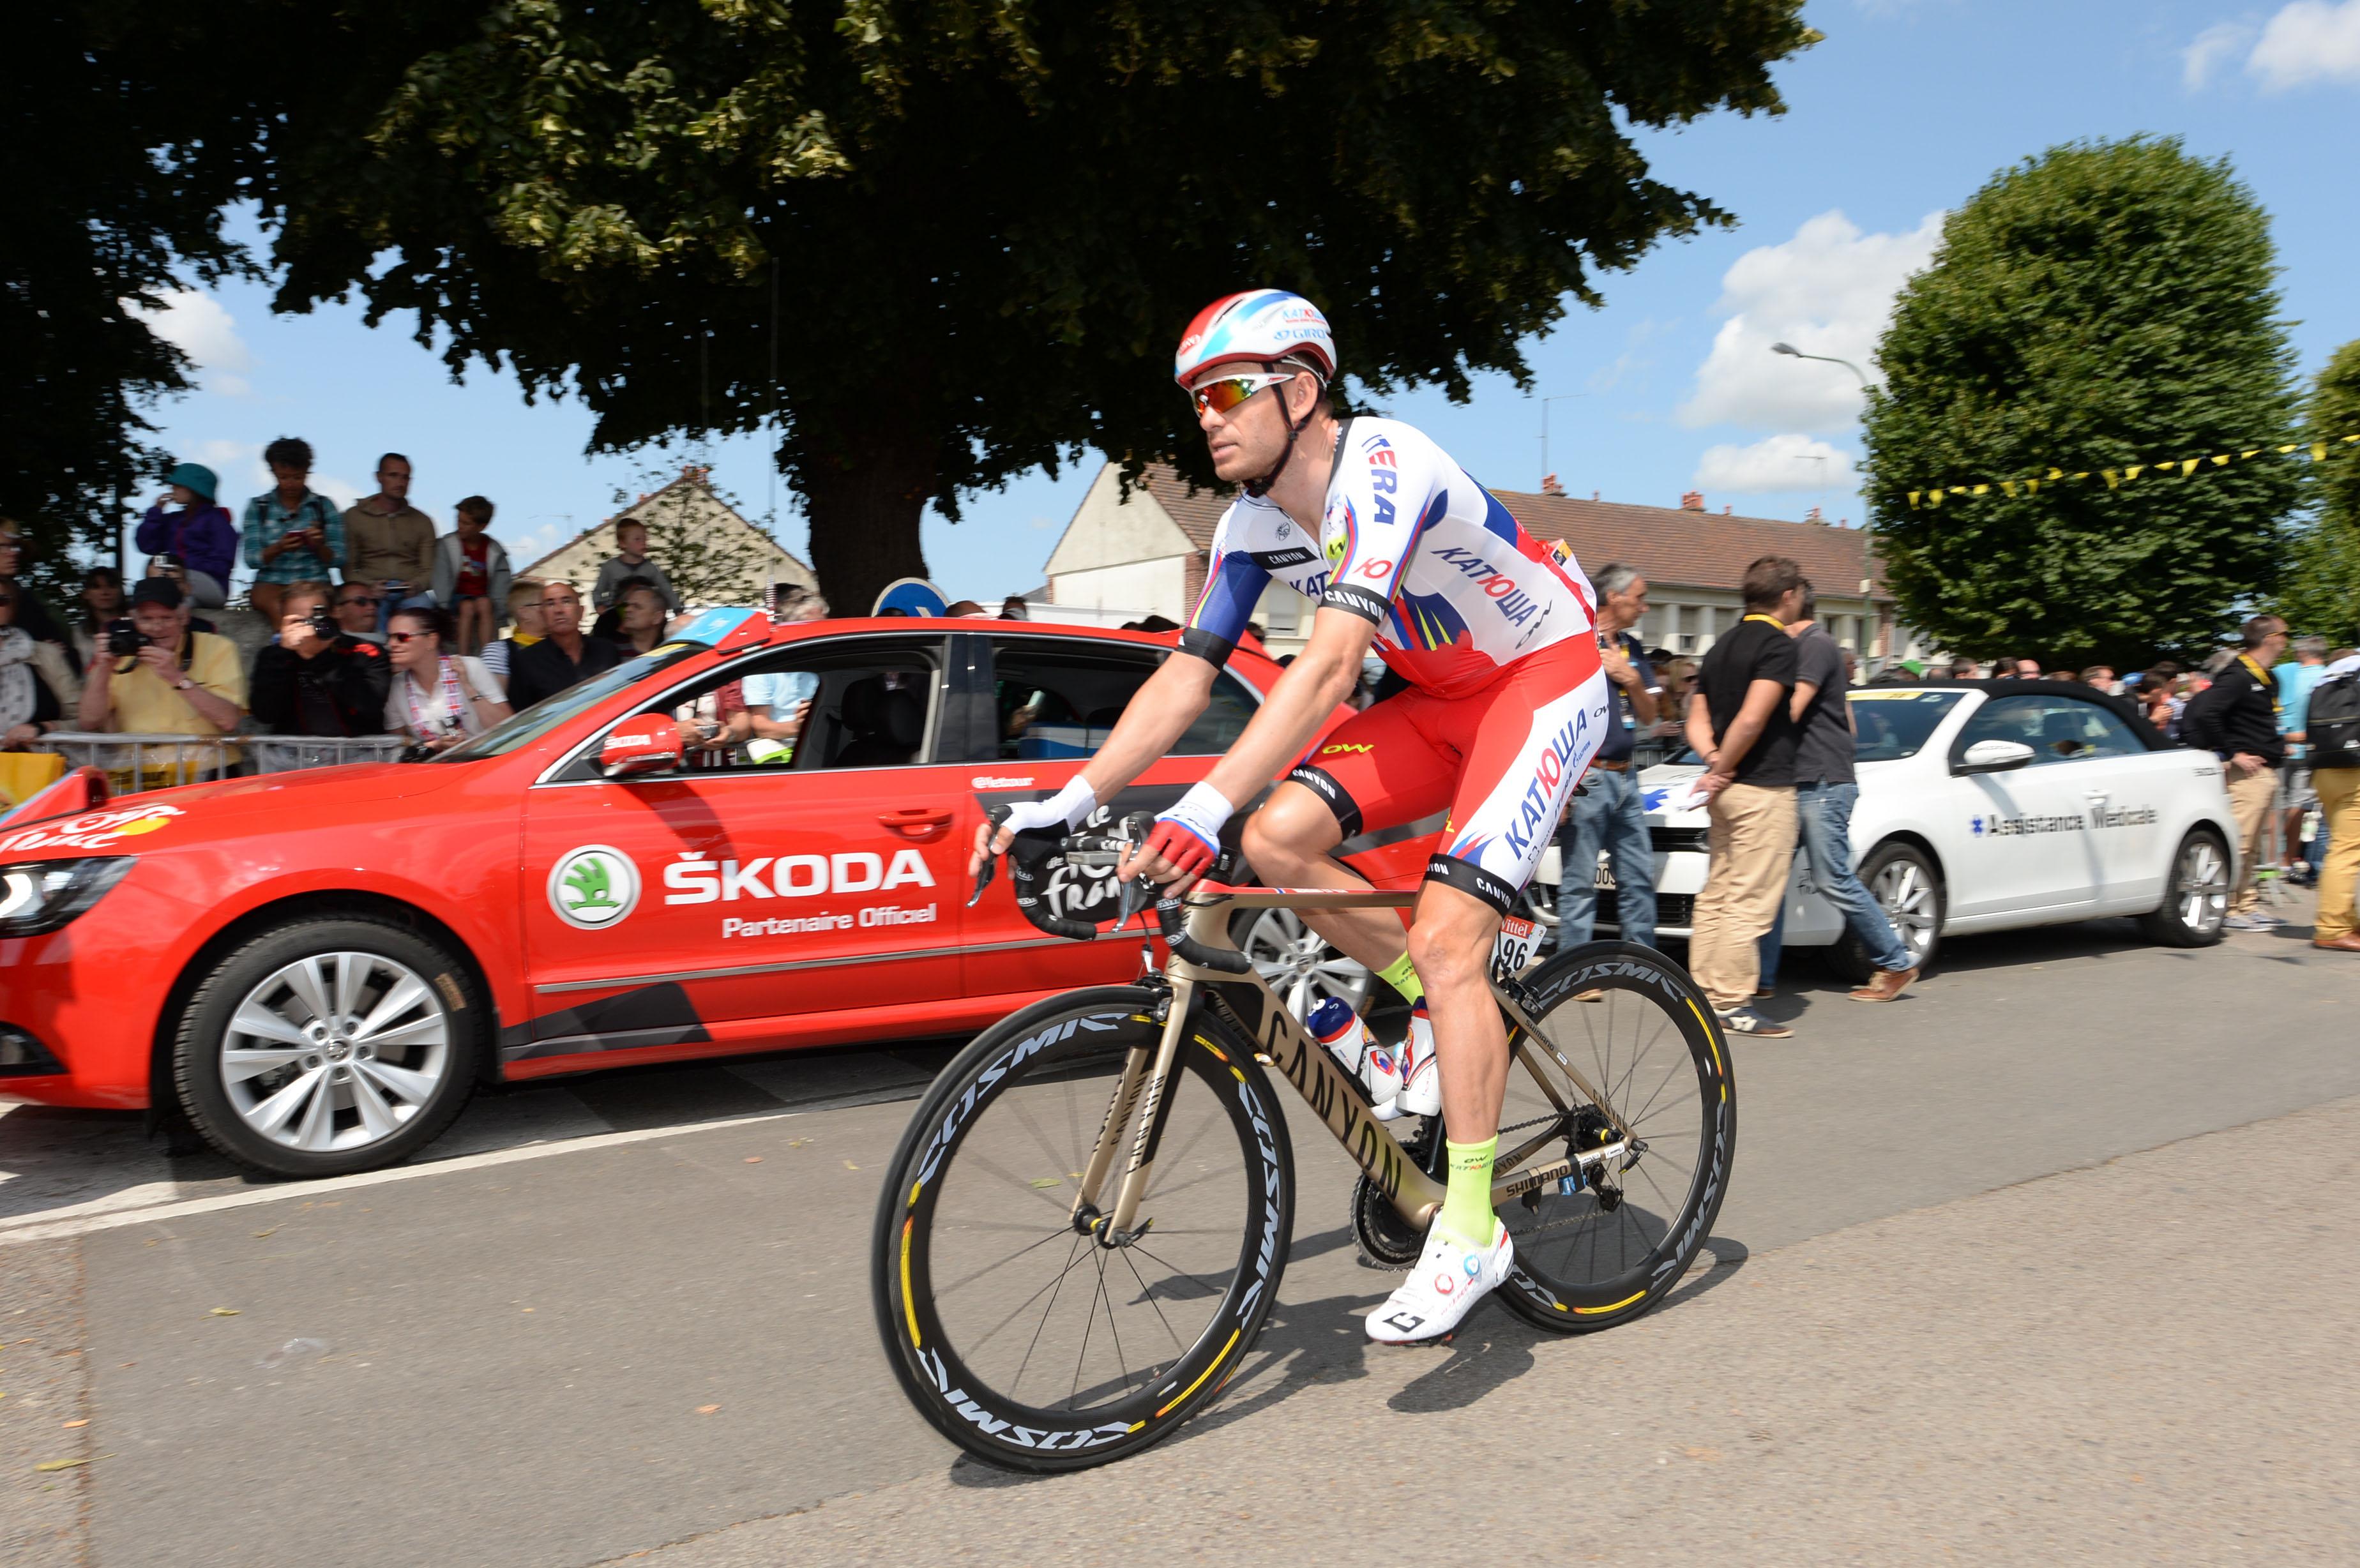 Tour de France 2015 - 6. Etappe - Alexander Kristoff